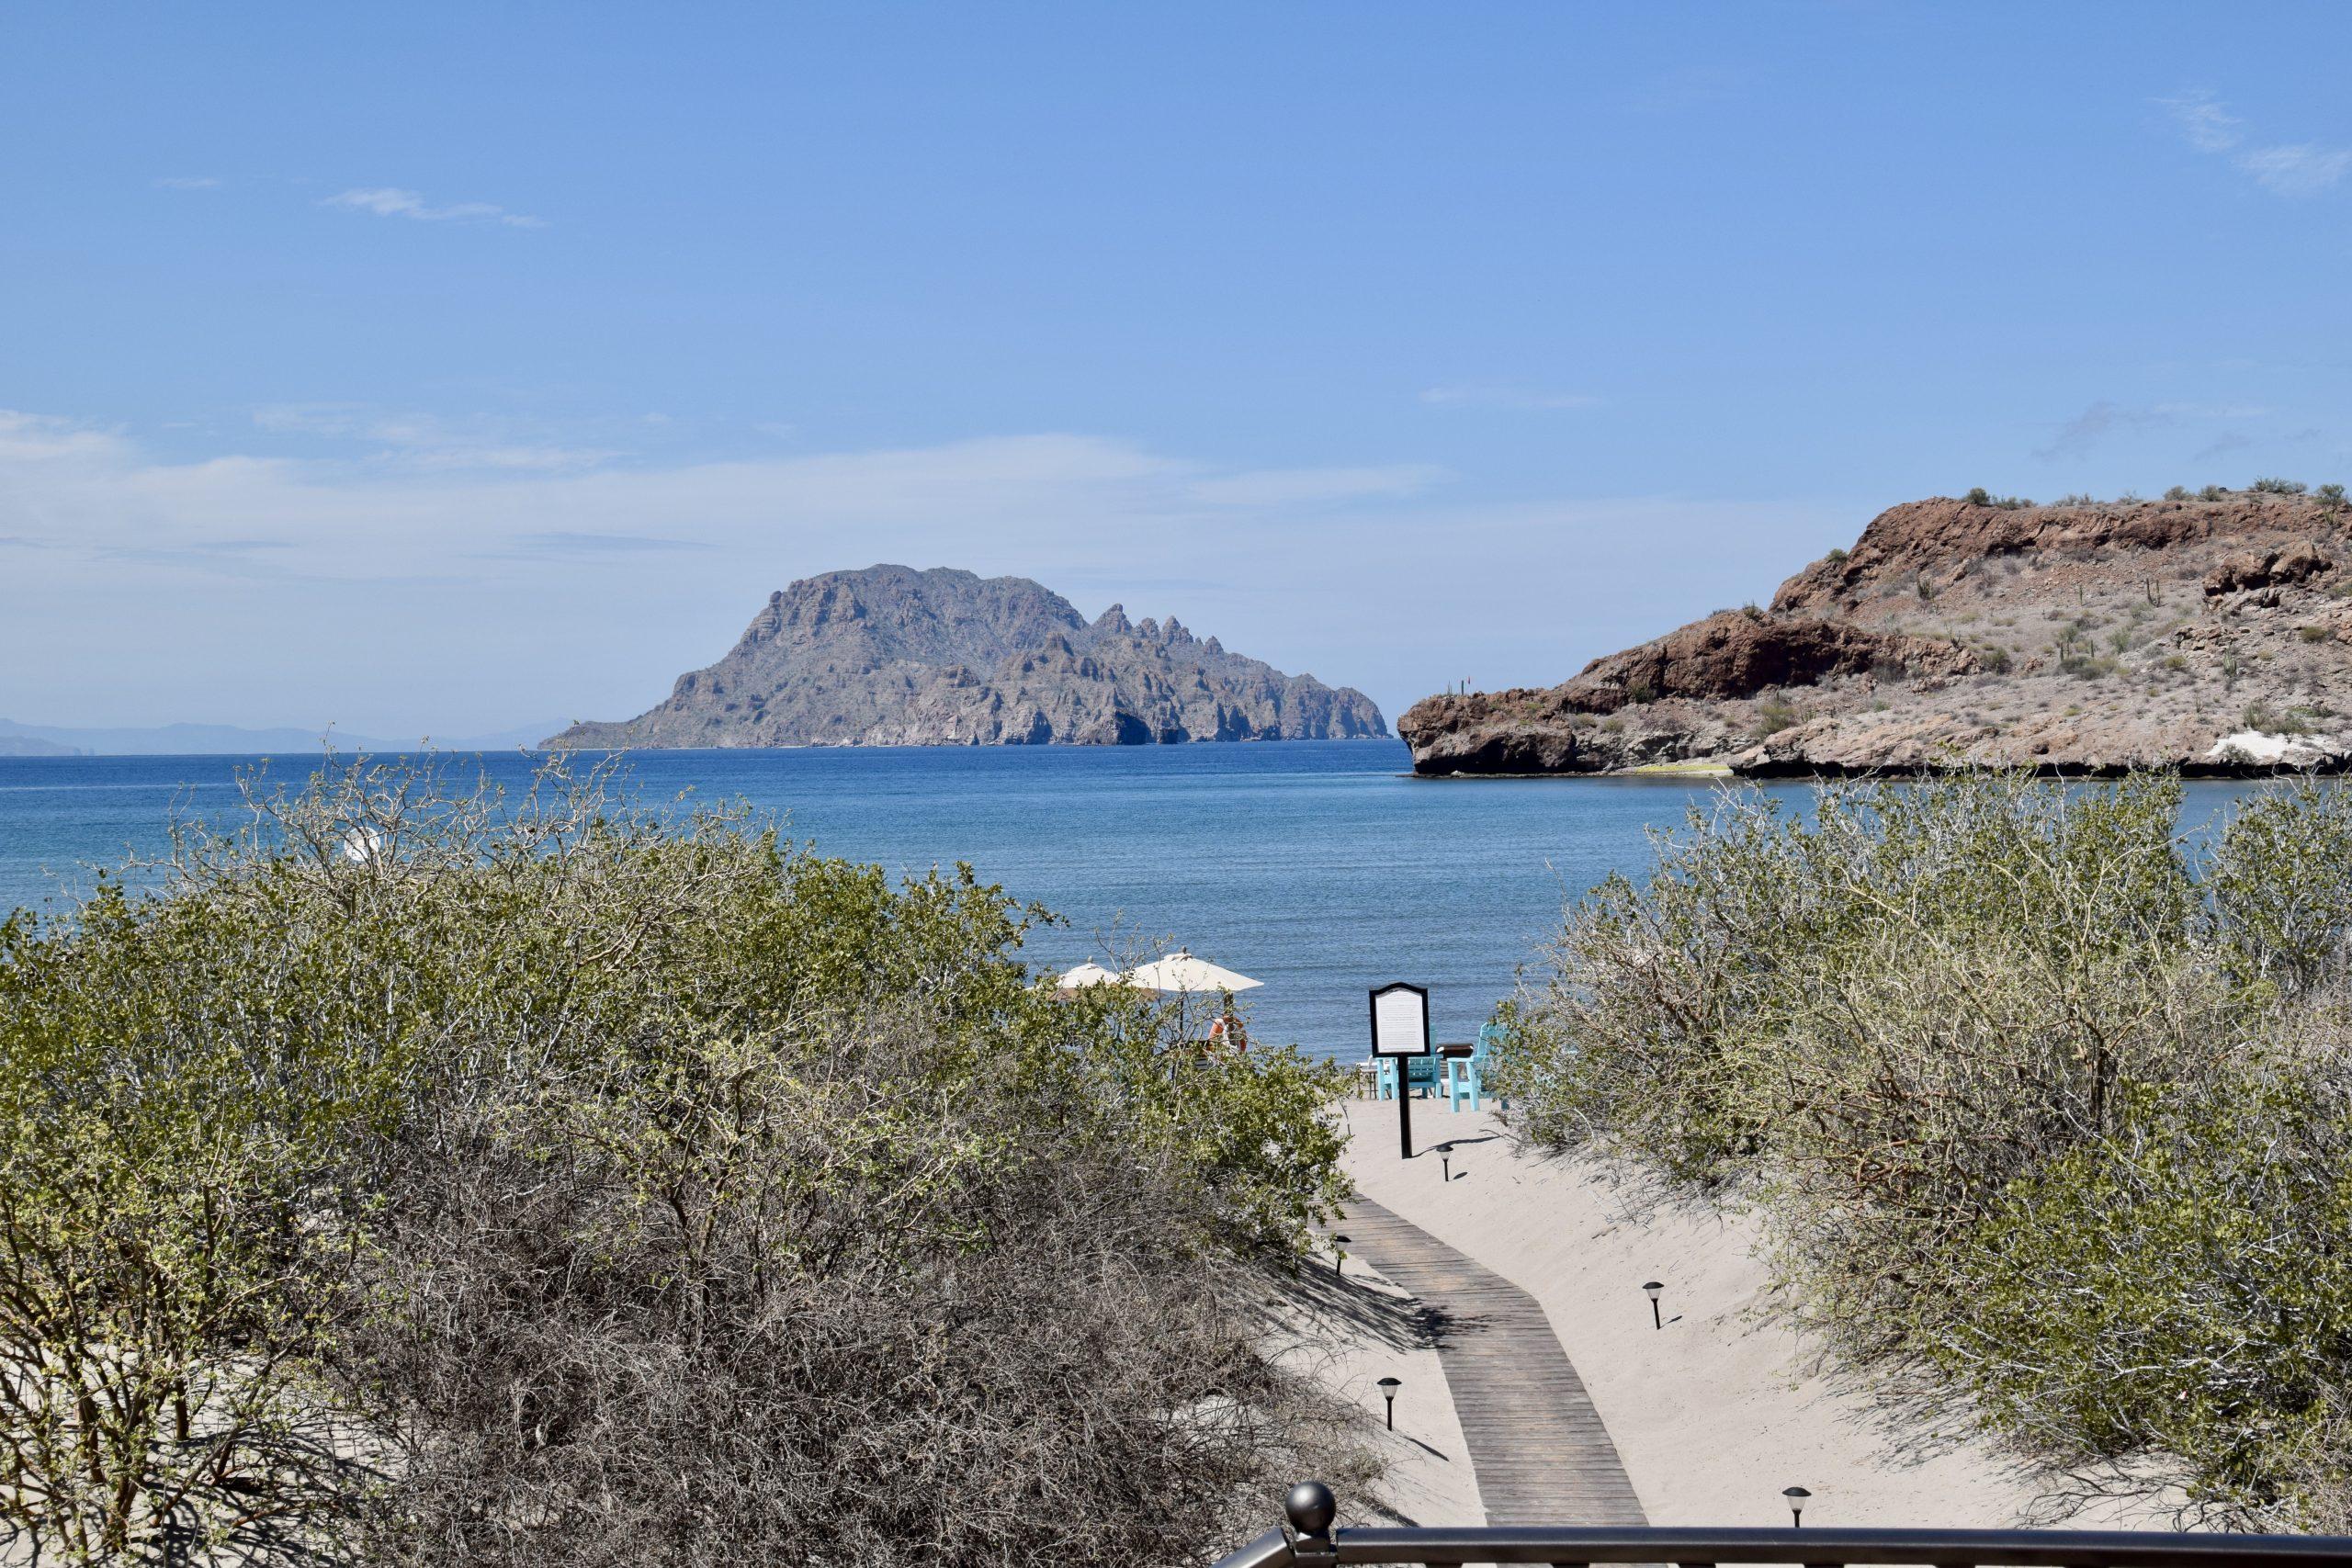 Isla Danzante as seen from Villa Del Palmar on Danzante Bay in Loreto, Mexico